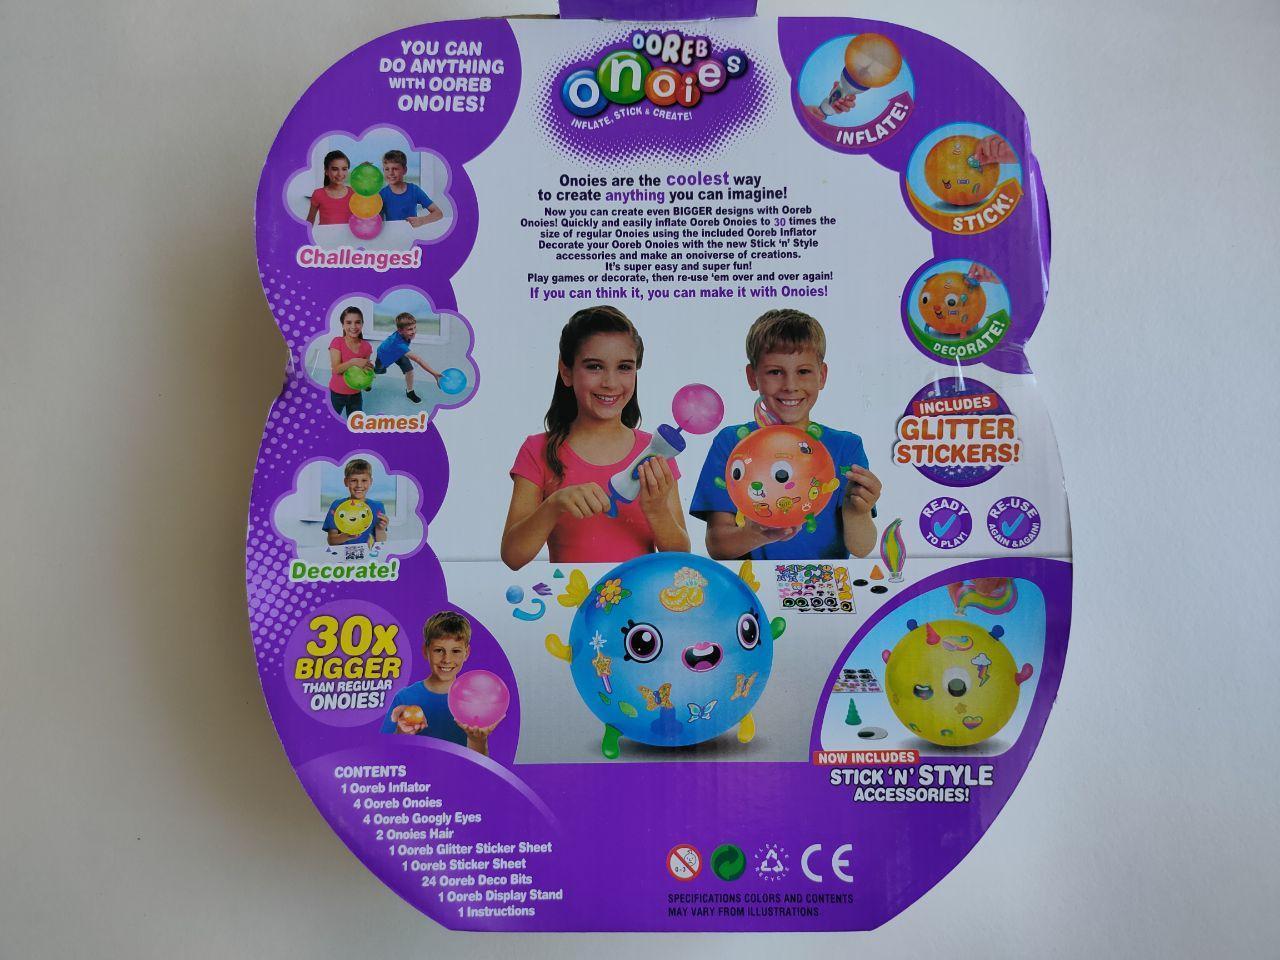 Дитячий ігровий набір для створення іграшок Ooreb Onoies